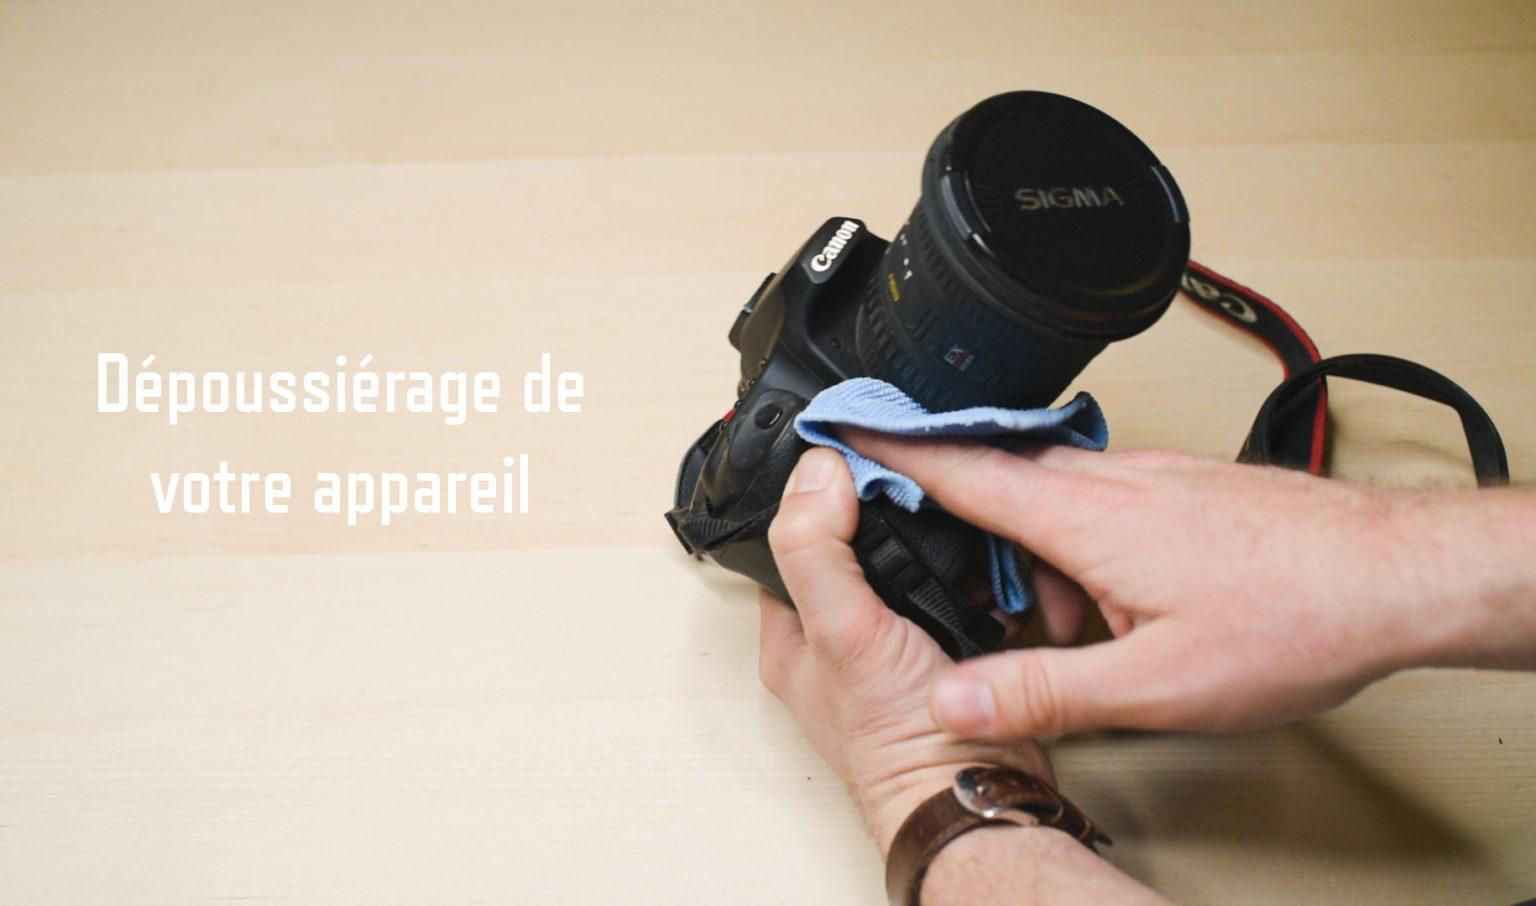 Nettoyage dépoussierage appareil photo numérique Maisons-Laffitte Yvelines 78 Christophe Lefebvre Photographe texte